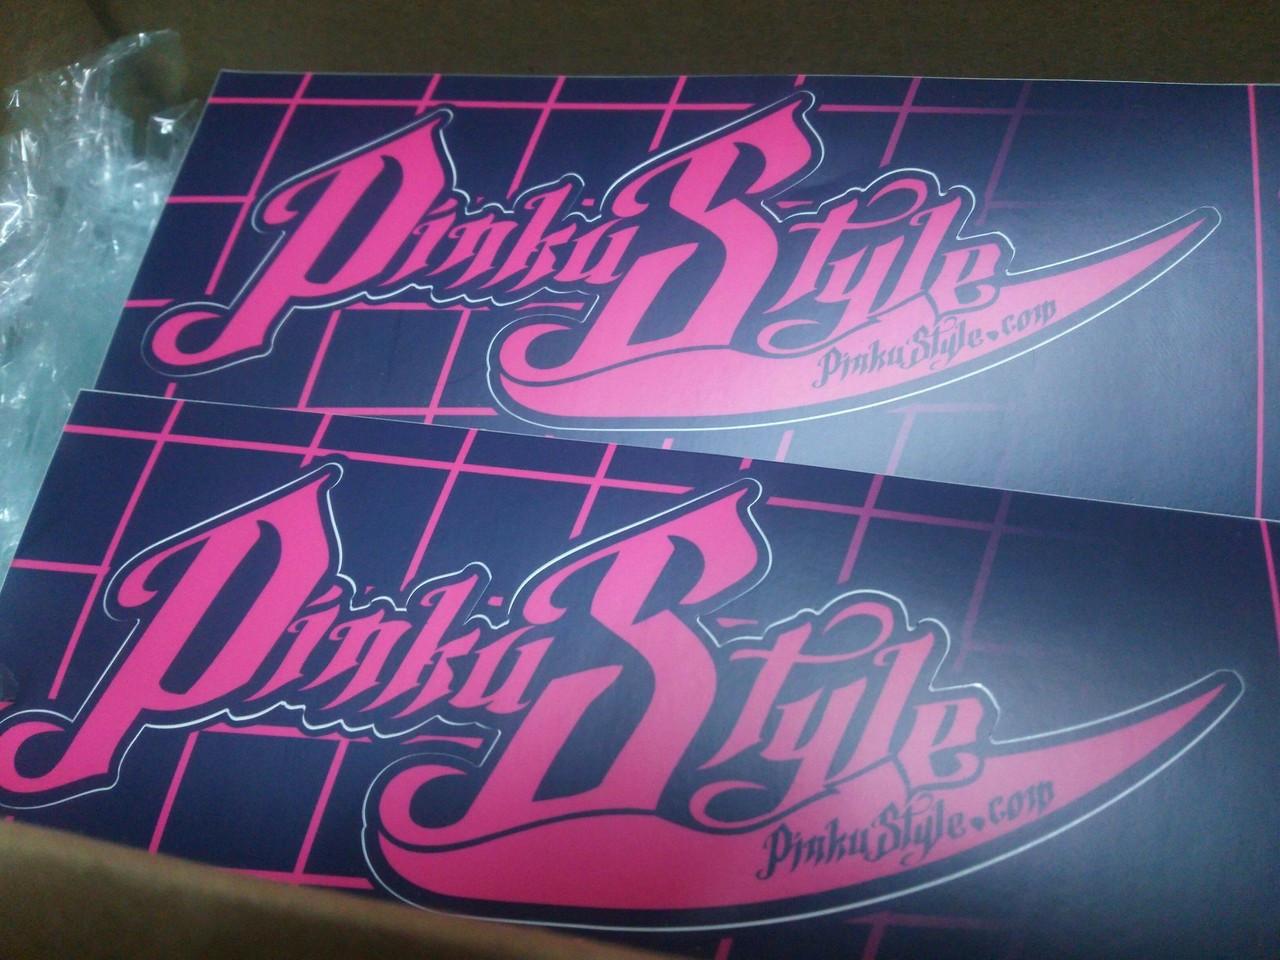 Pinku Style Sticker Large Size Kiss Cut